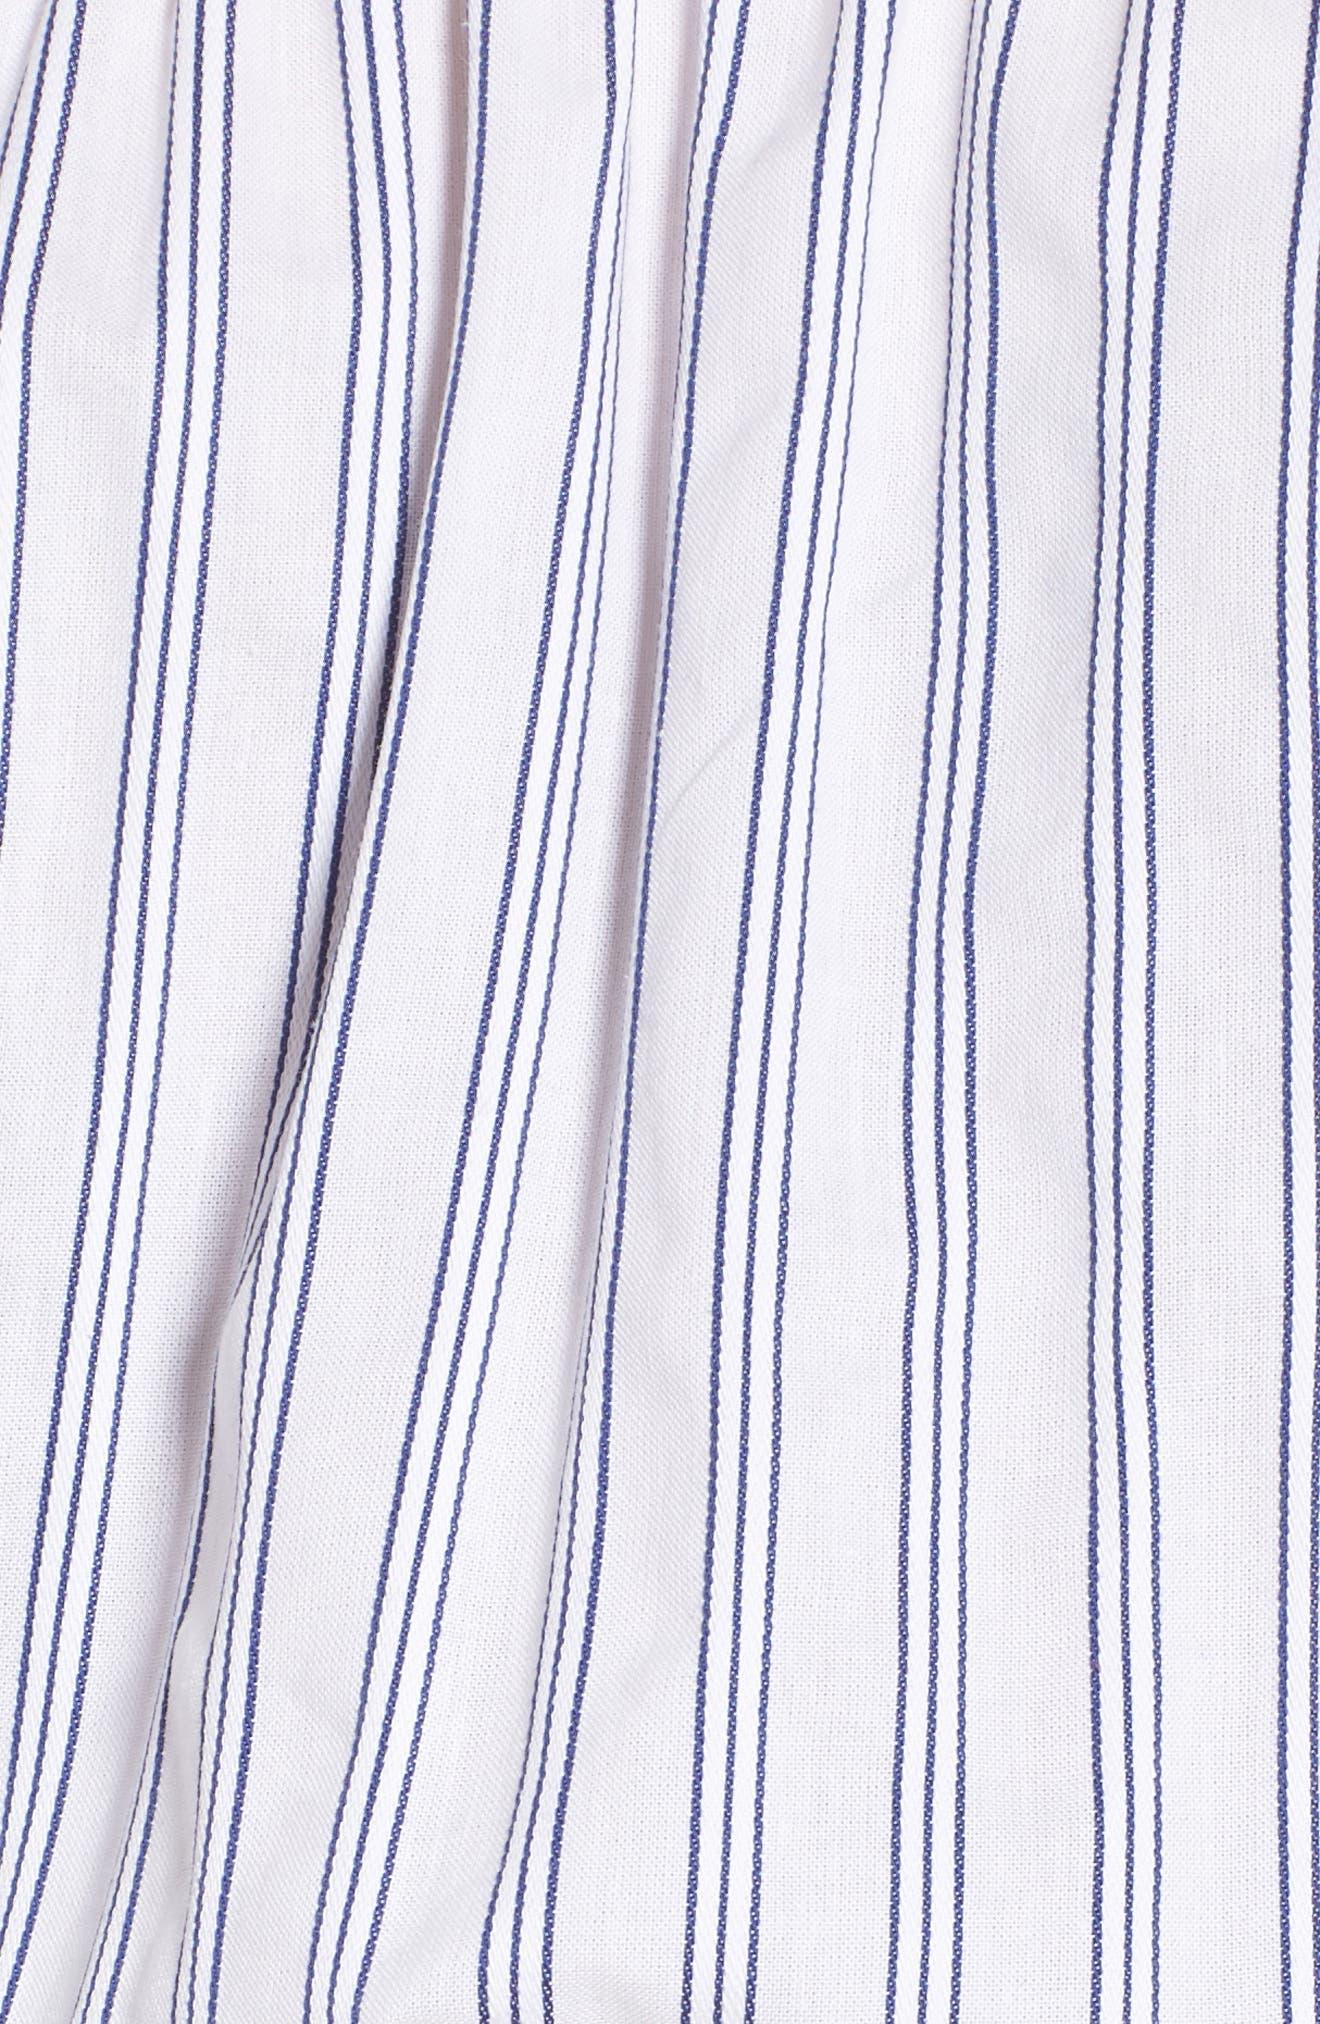 Barbados Stripe Off the Shoulder Dress,                             Alternate thumbnail 6, color,                             400